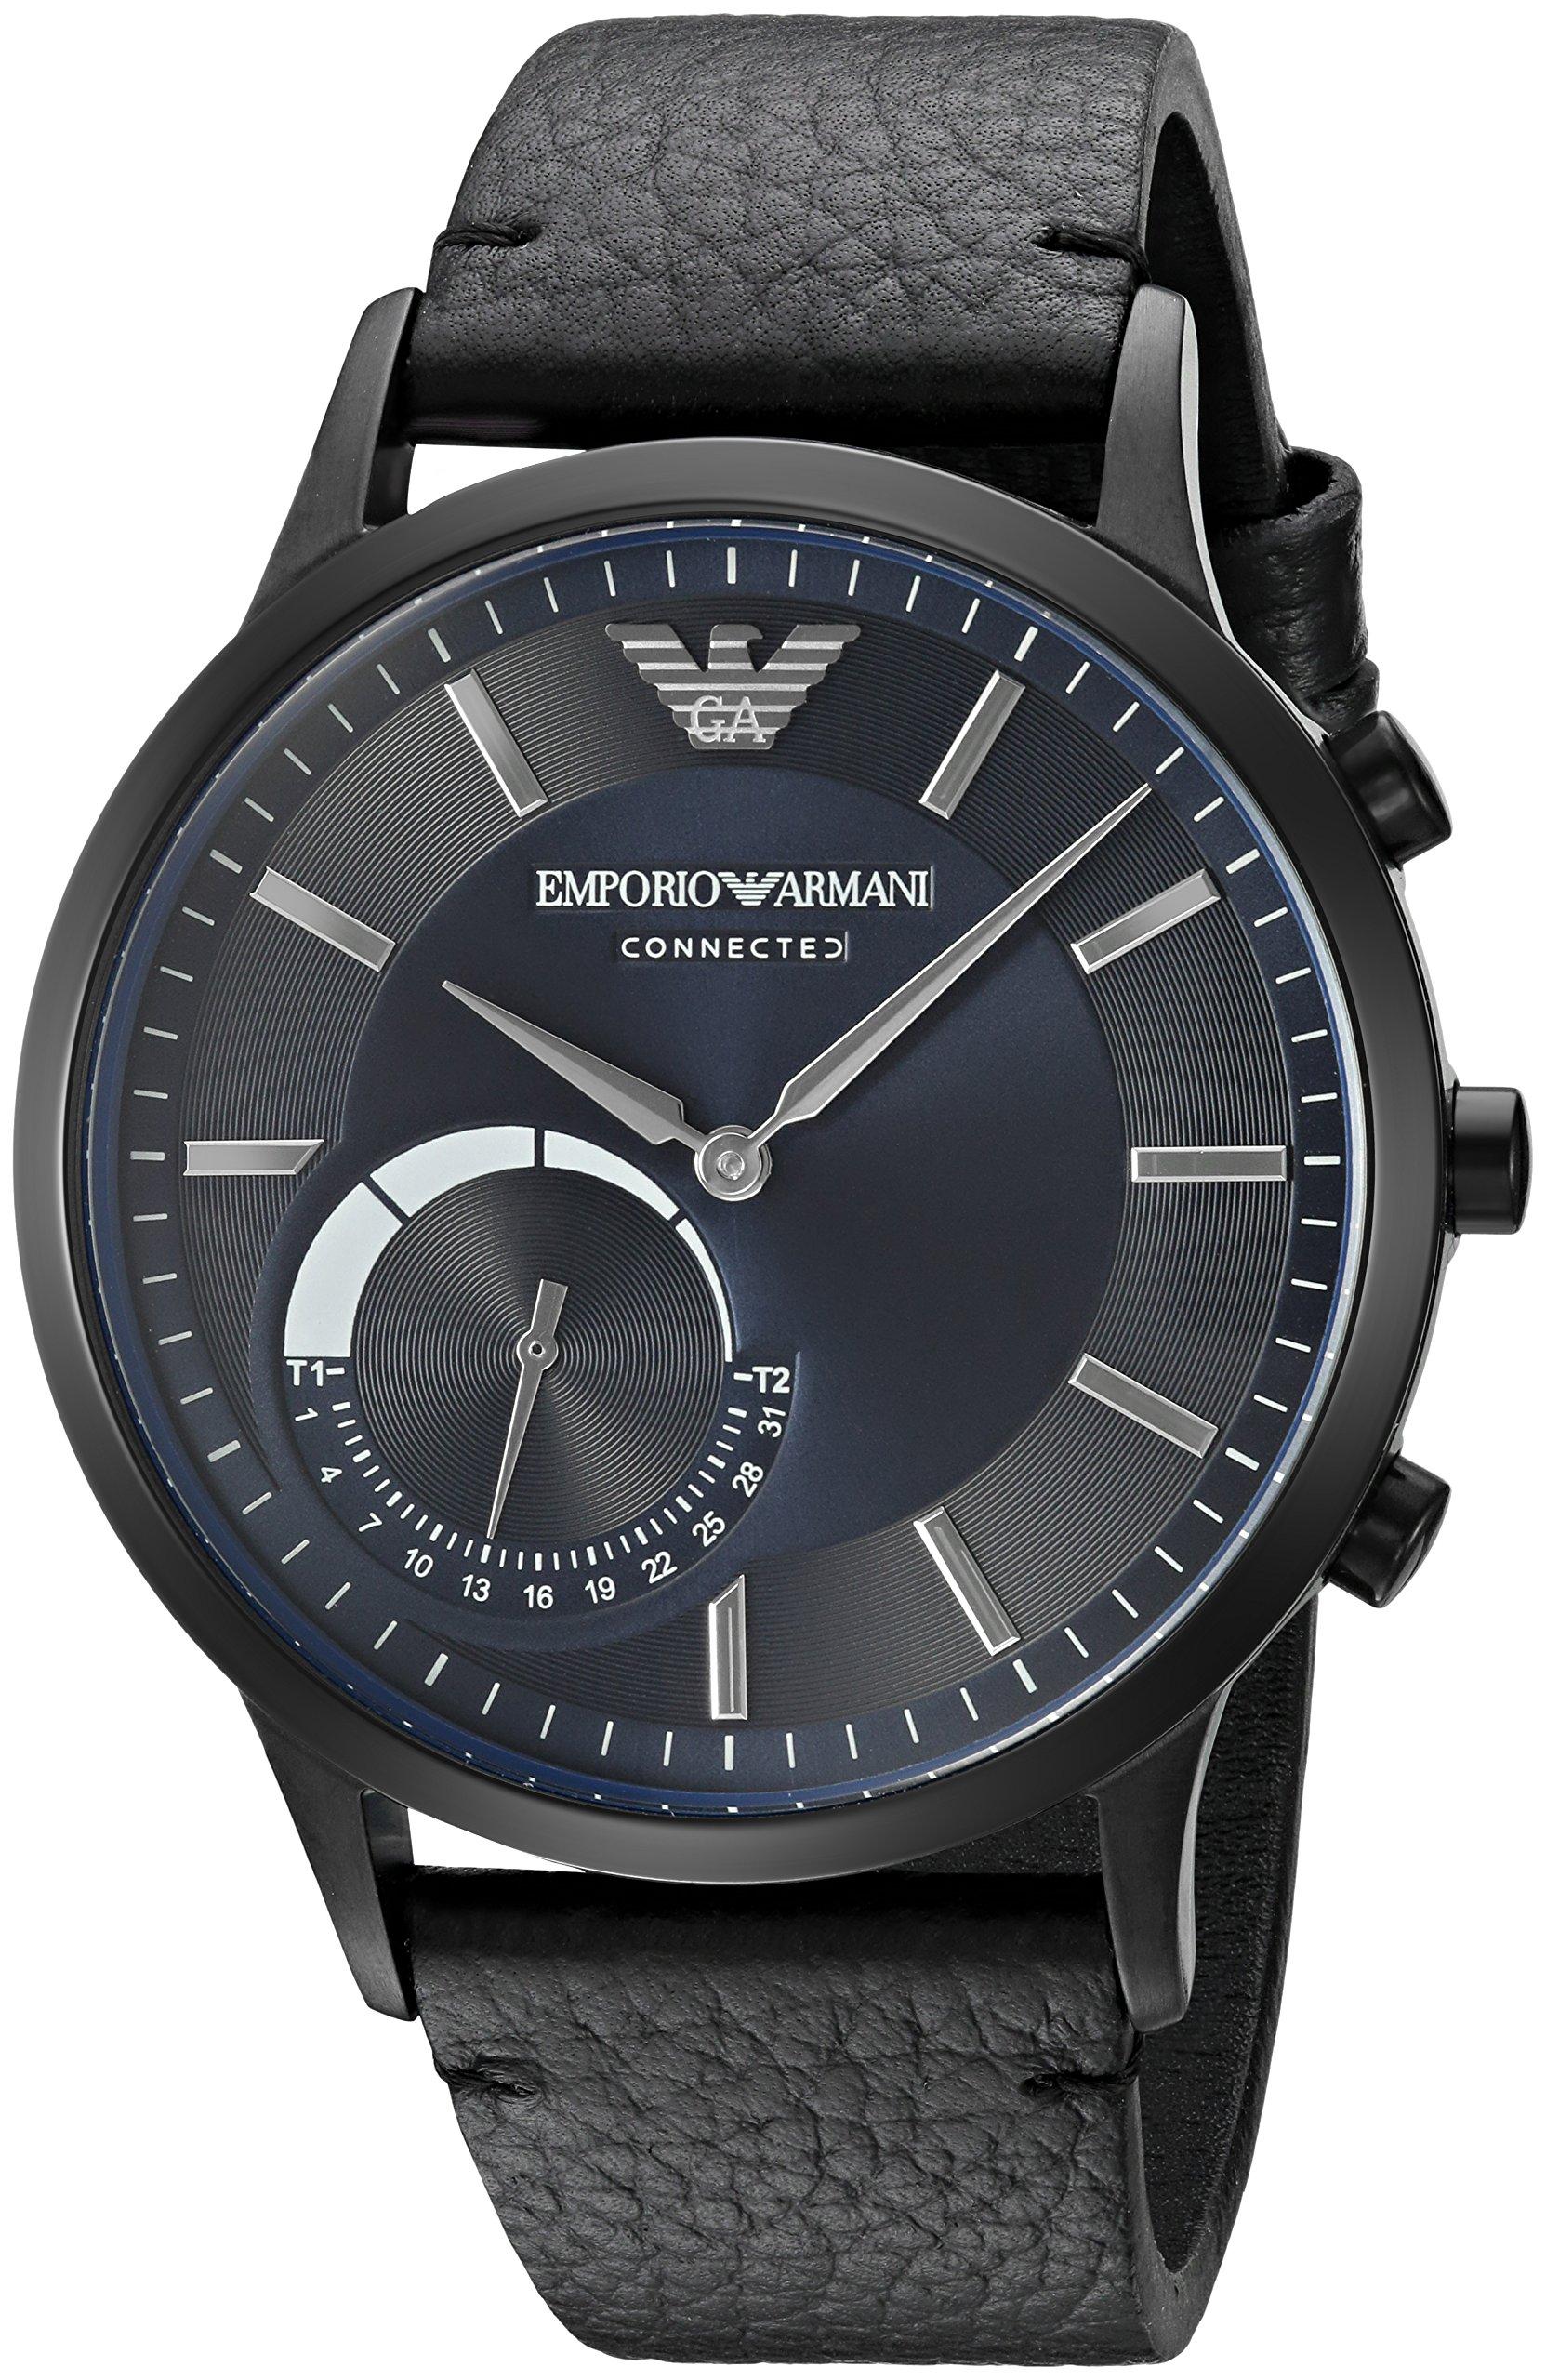 Emporio Armani Hybrid Smartwatch ART3004 by Emporio Armani